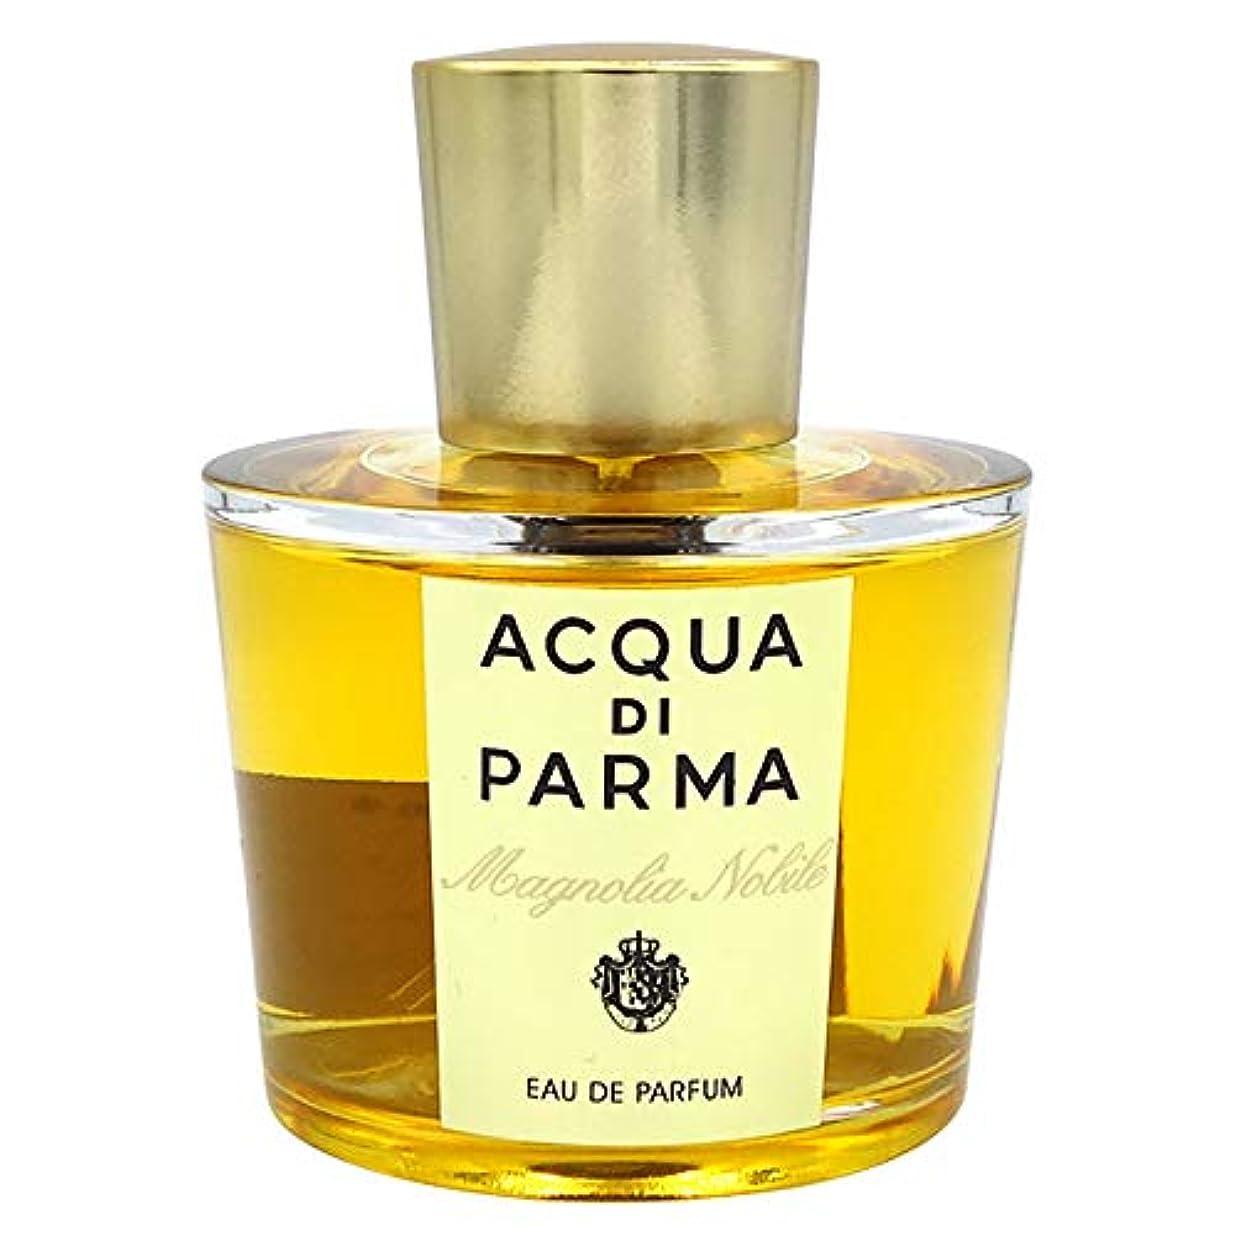 控えるねばねば箱アクア ディ パルマ ACQUA DI PARMA マグノリア ノービレ (テスター)EDP SP 100ml [並行輸入品]